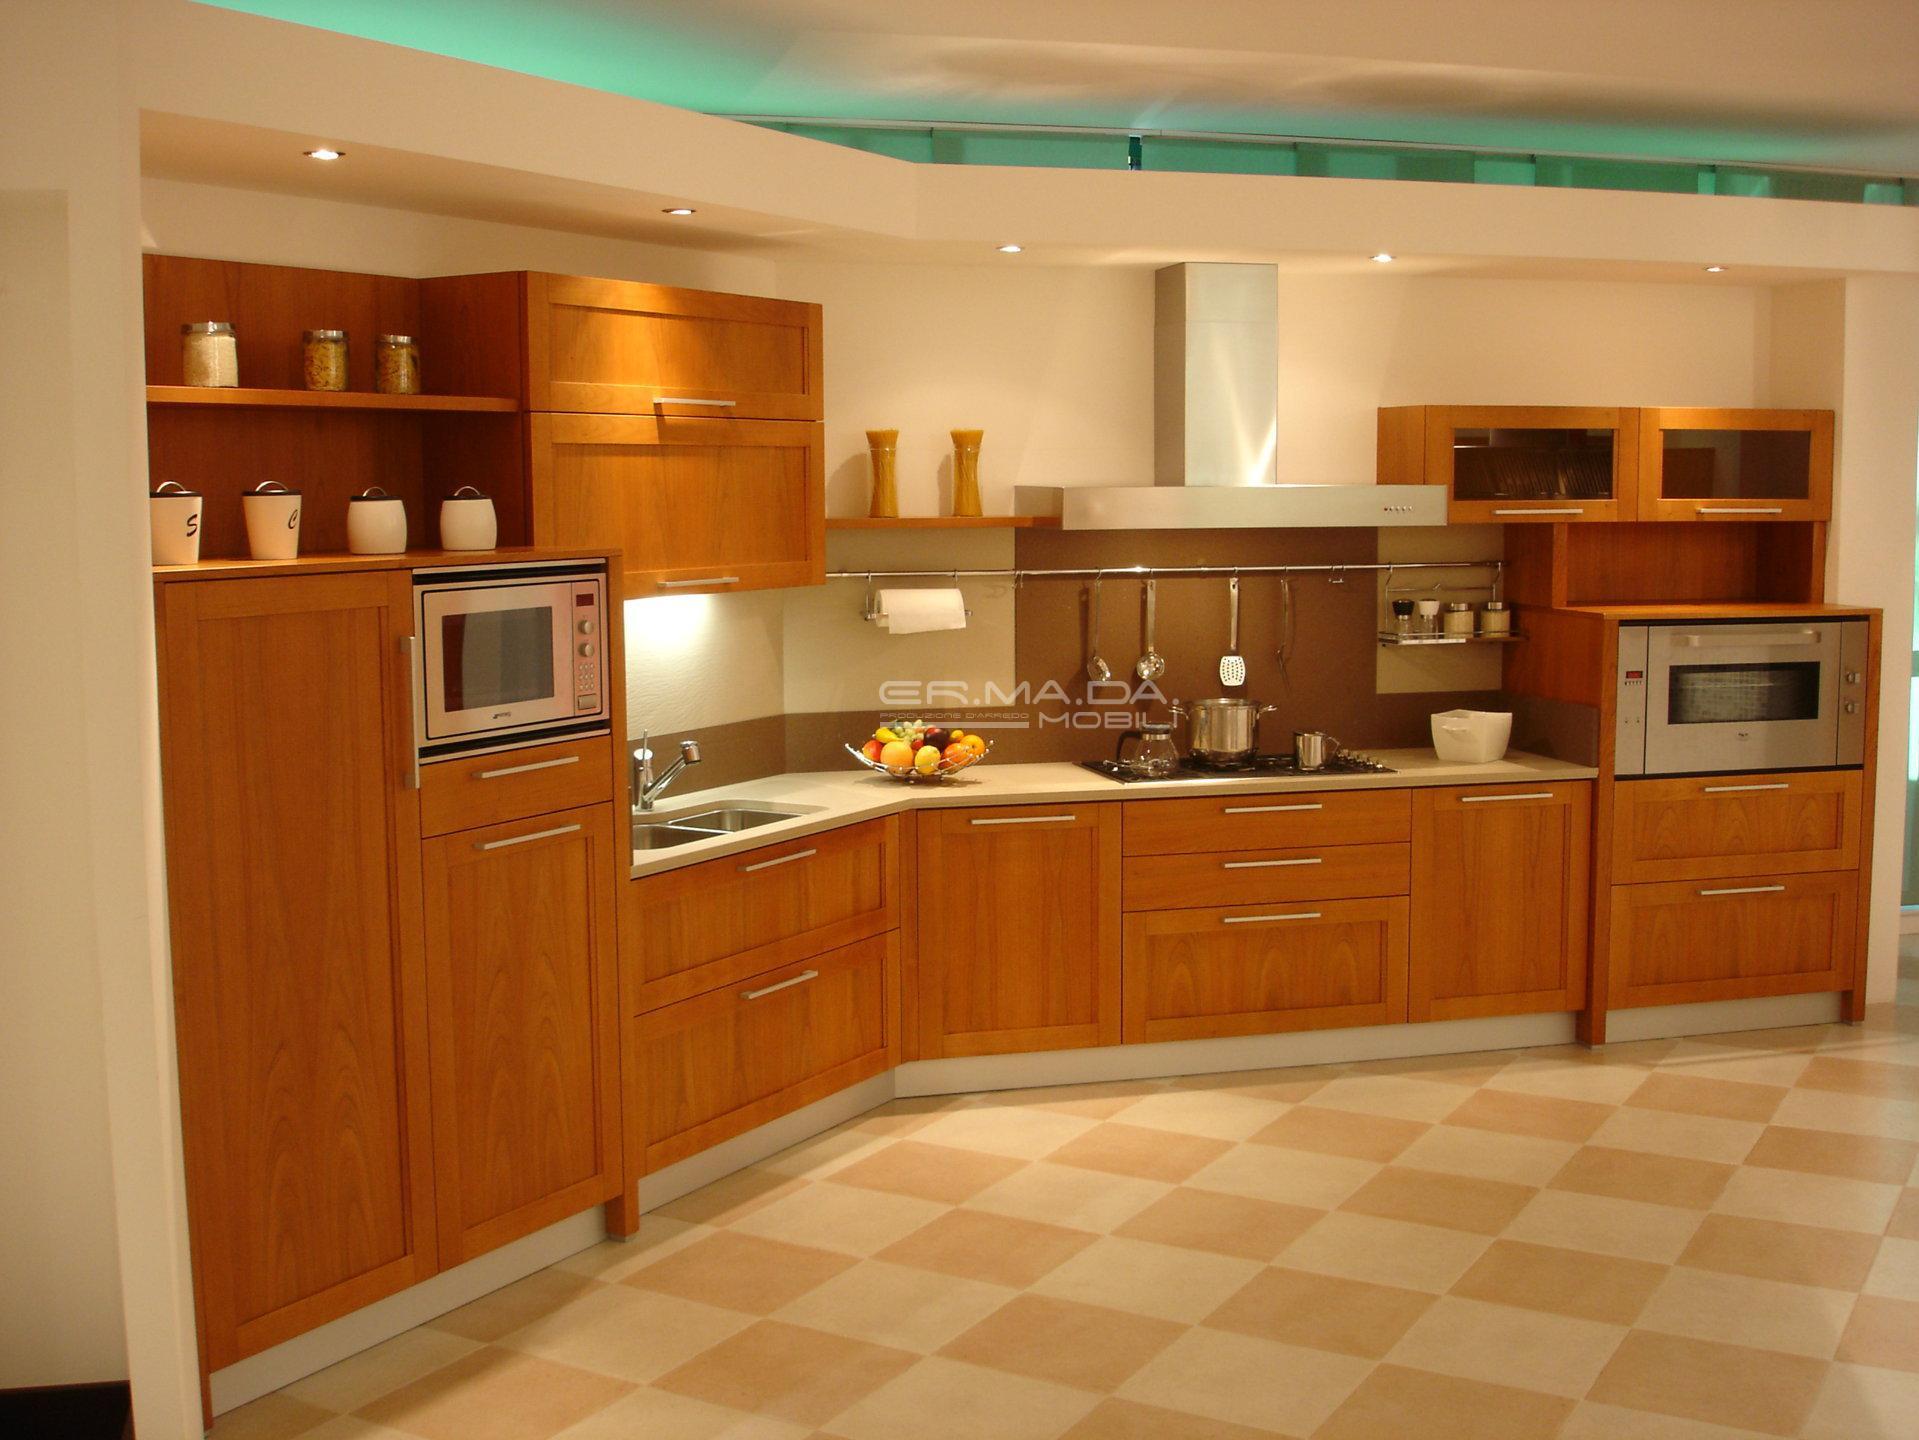 Stunning cucine ciliegio moderne photos - Cucine in ciliegio moderne ...